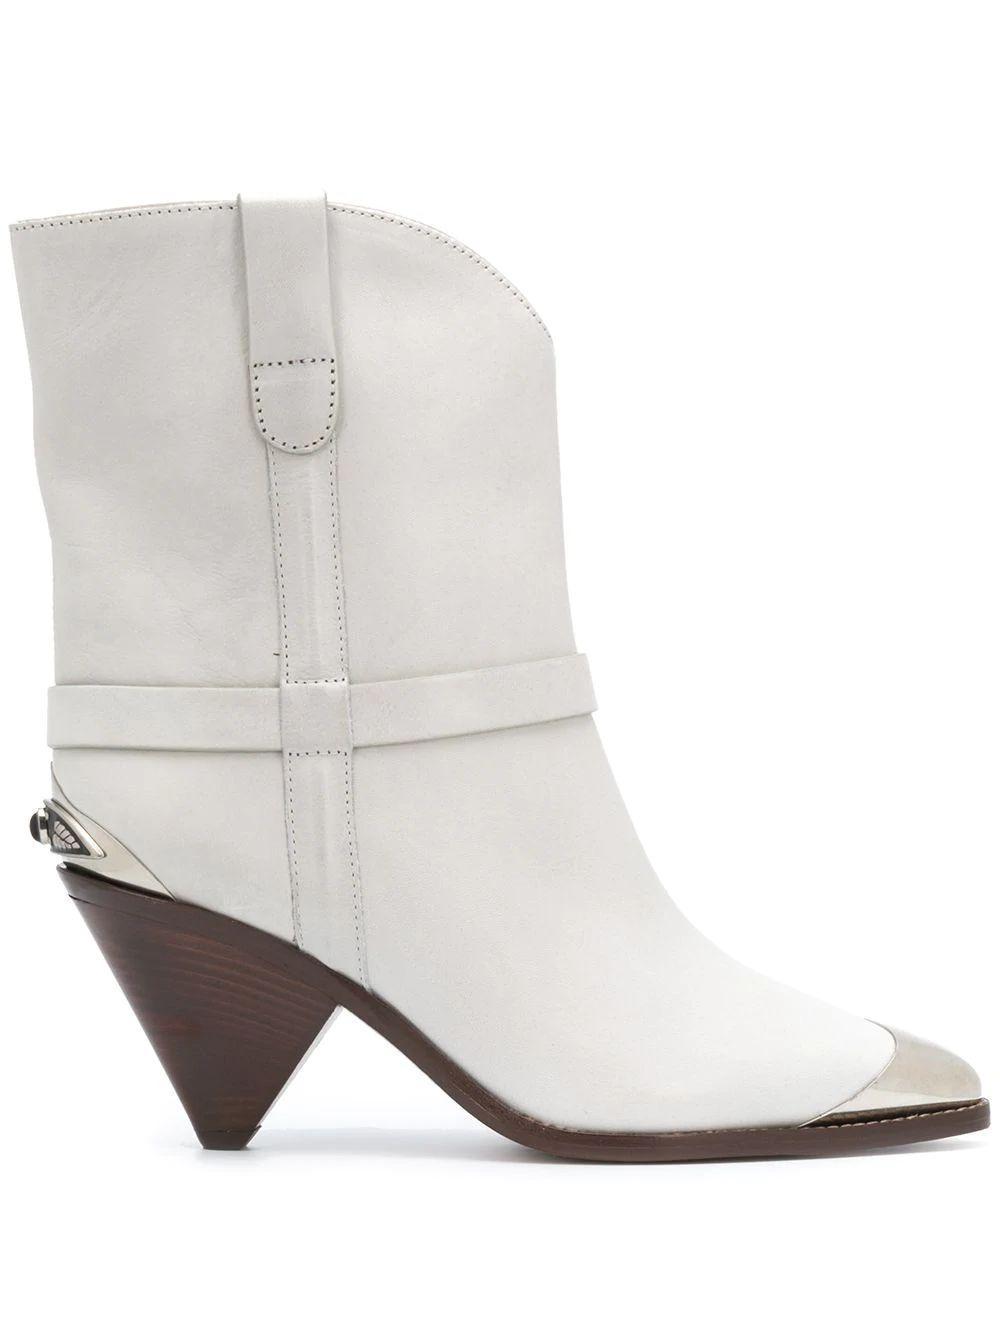 Limza Short Western Boot Item # LIMZA